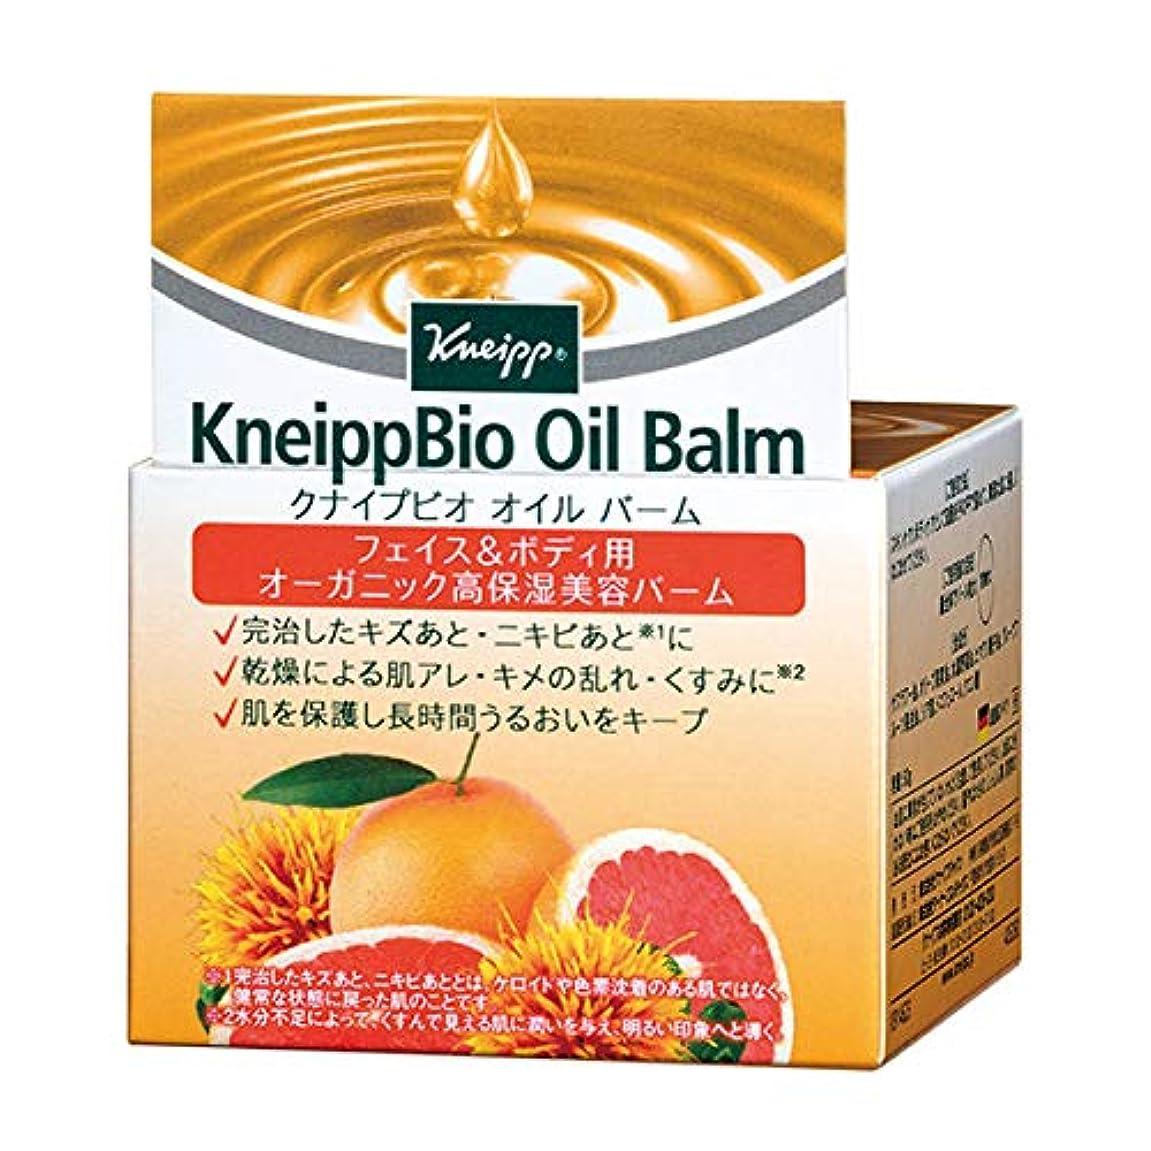 リビングルーム面白い駐地クナイプ(Kneipp) クナイプビオ オイル バーム 50g 美容液